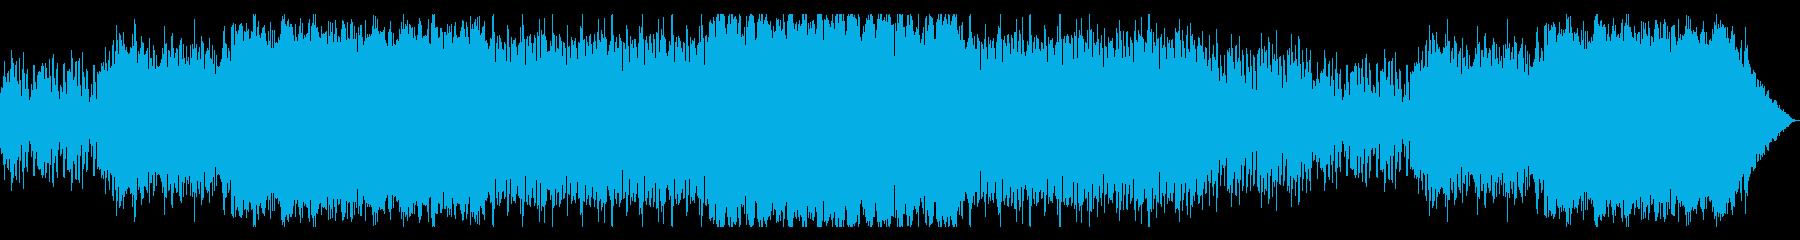 絆が増した終盤の旅を想起するBGMの再生済みの波形